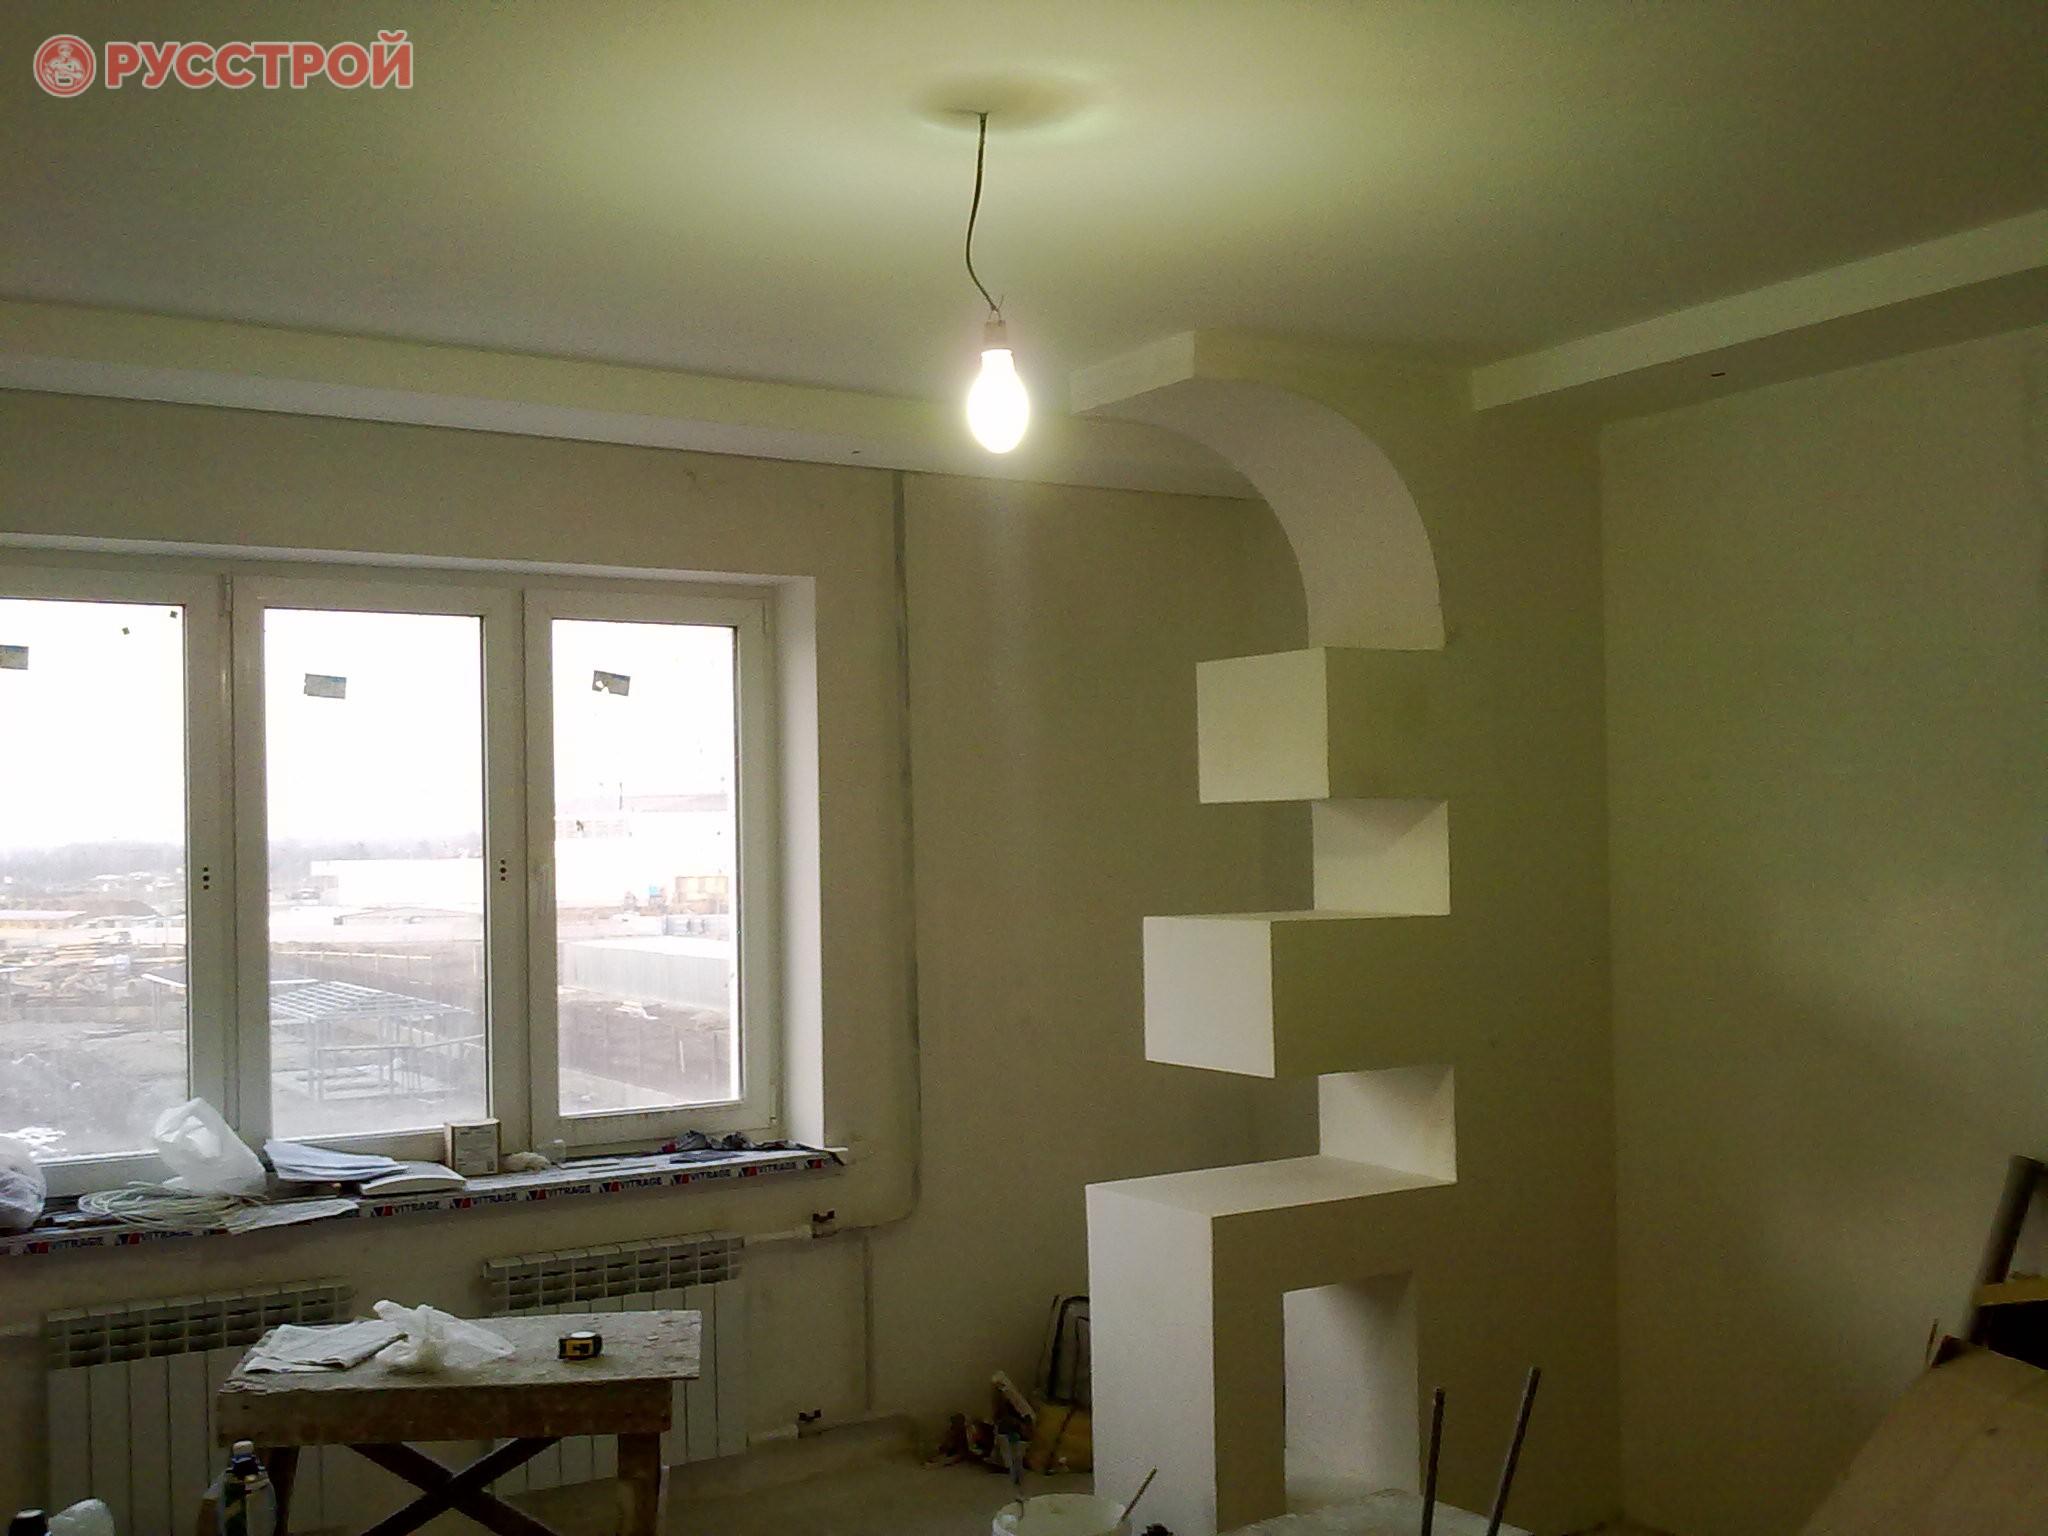 Сложная конструкция из гипсокартона в интерьере. Сделано ООО 'Русстрой' г. Калуга